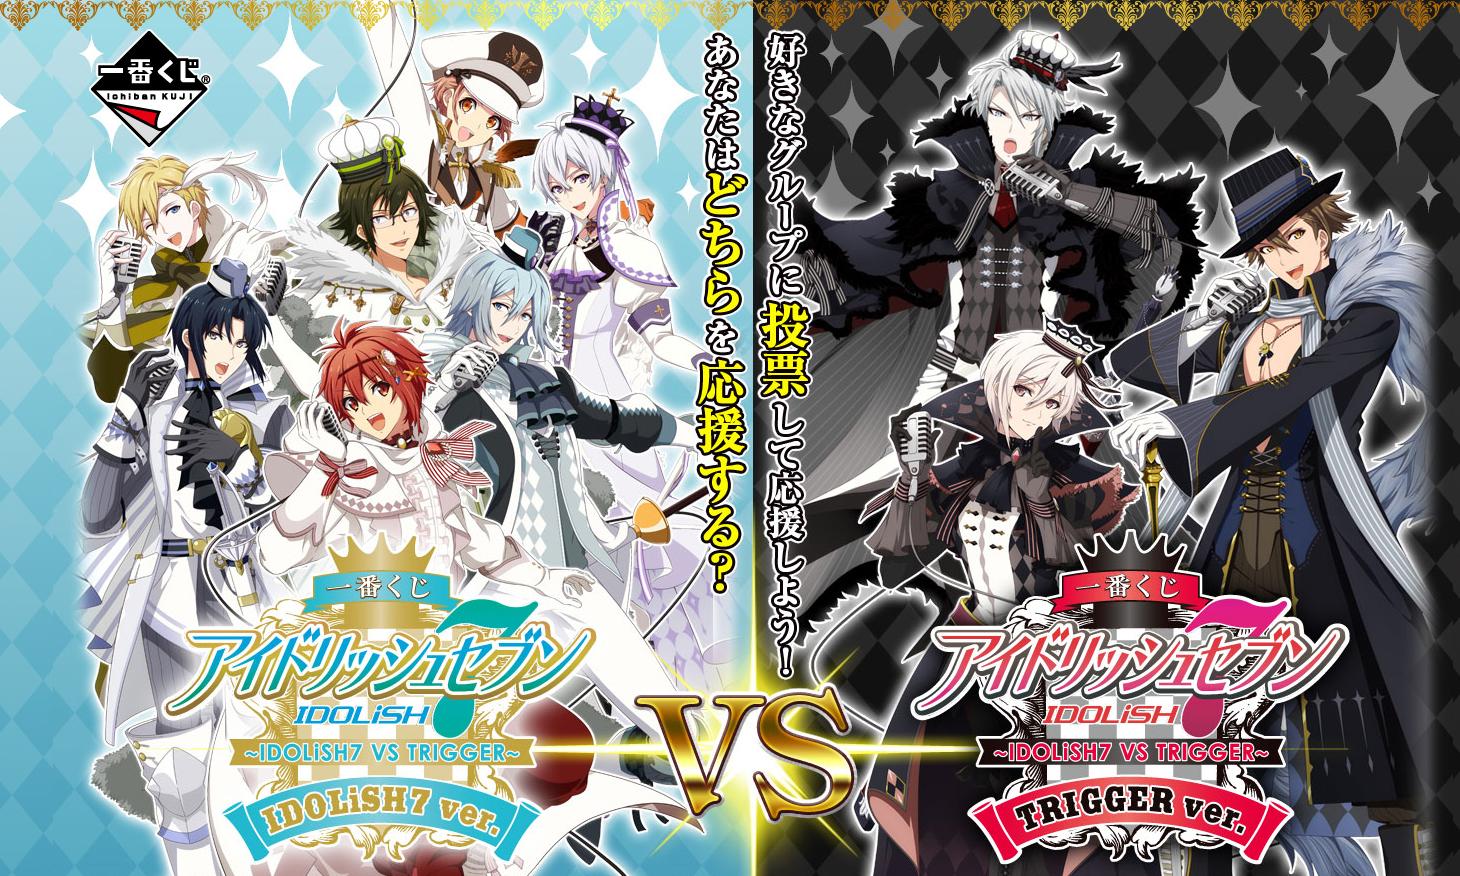 アイドリッシュセブン 〜IDOLiSH7 VS TRIGGER〜